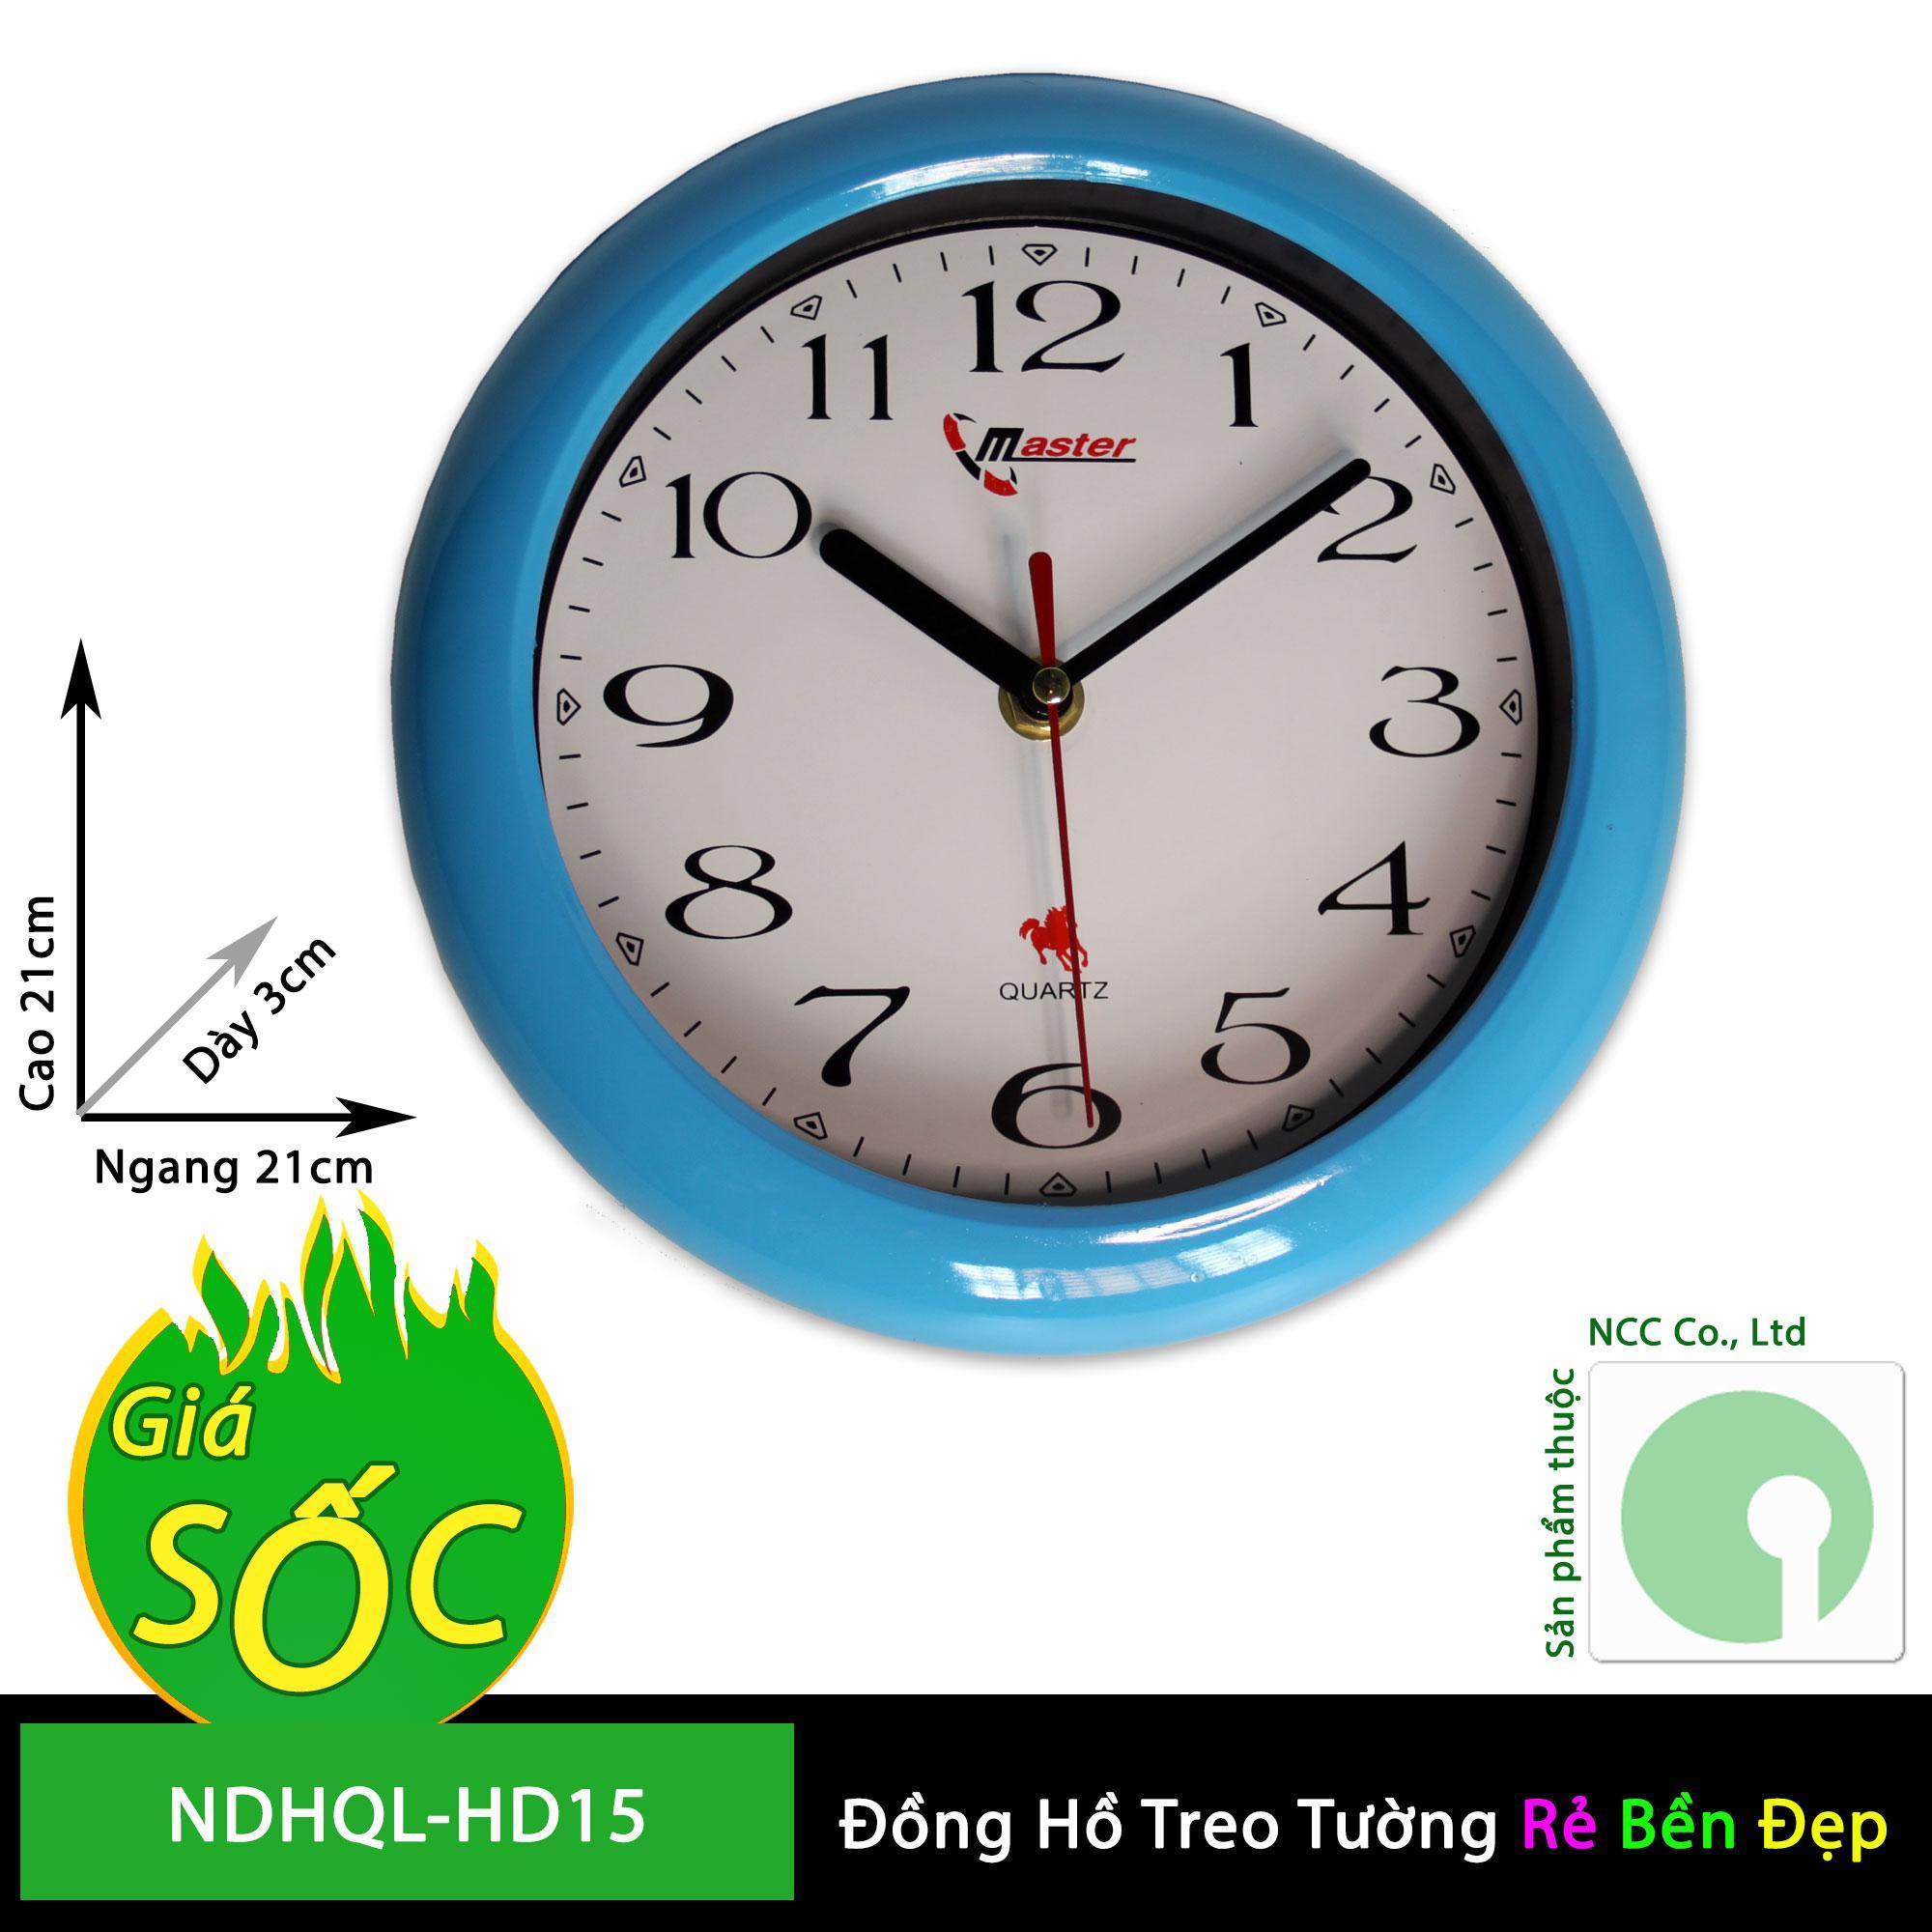 Nơi bán Đồng hồ treo tường - mặt tròn nền trắng - NDHQL-HD15 (Khung nền trắng)